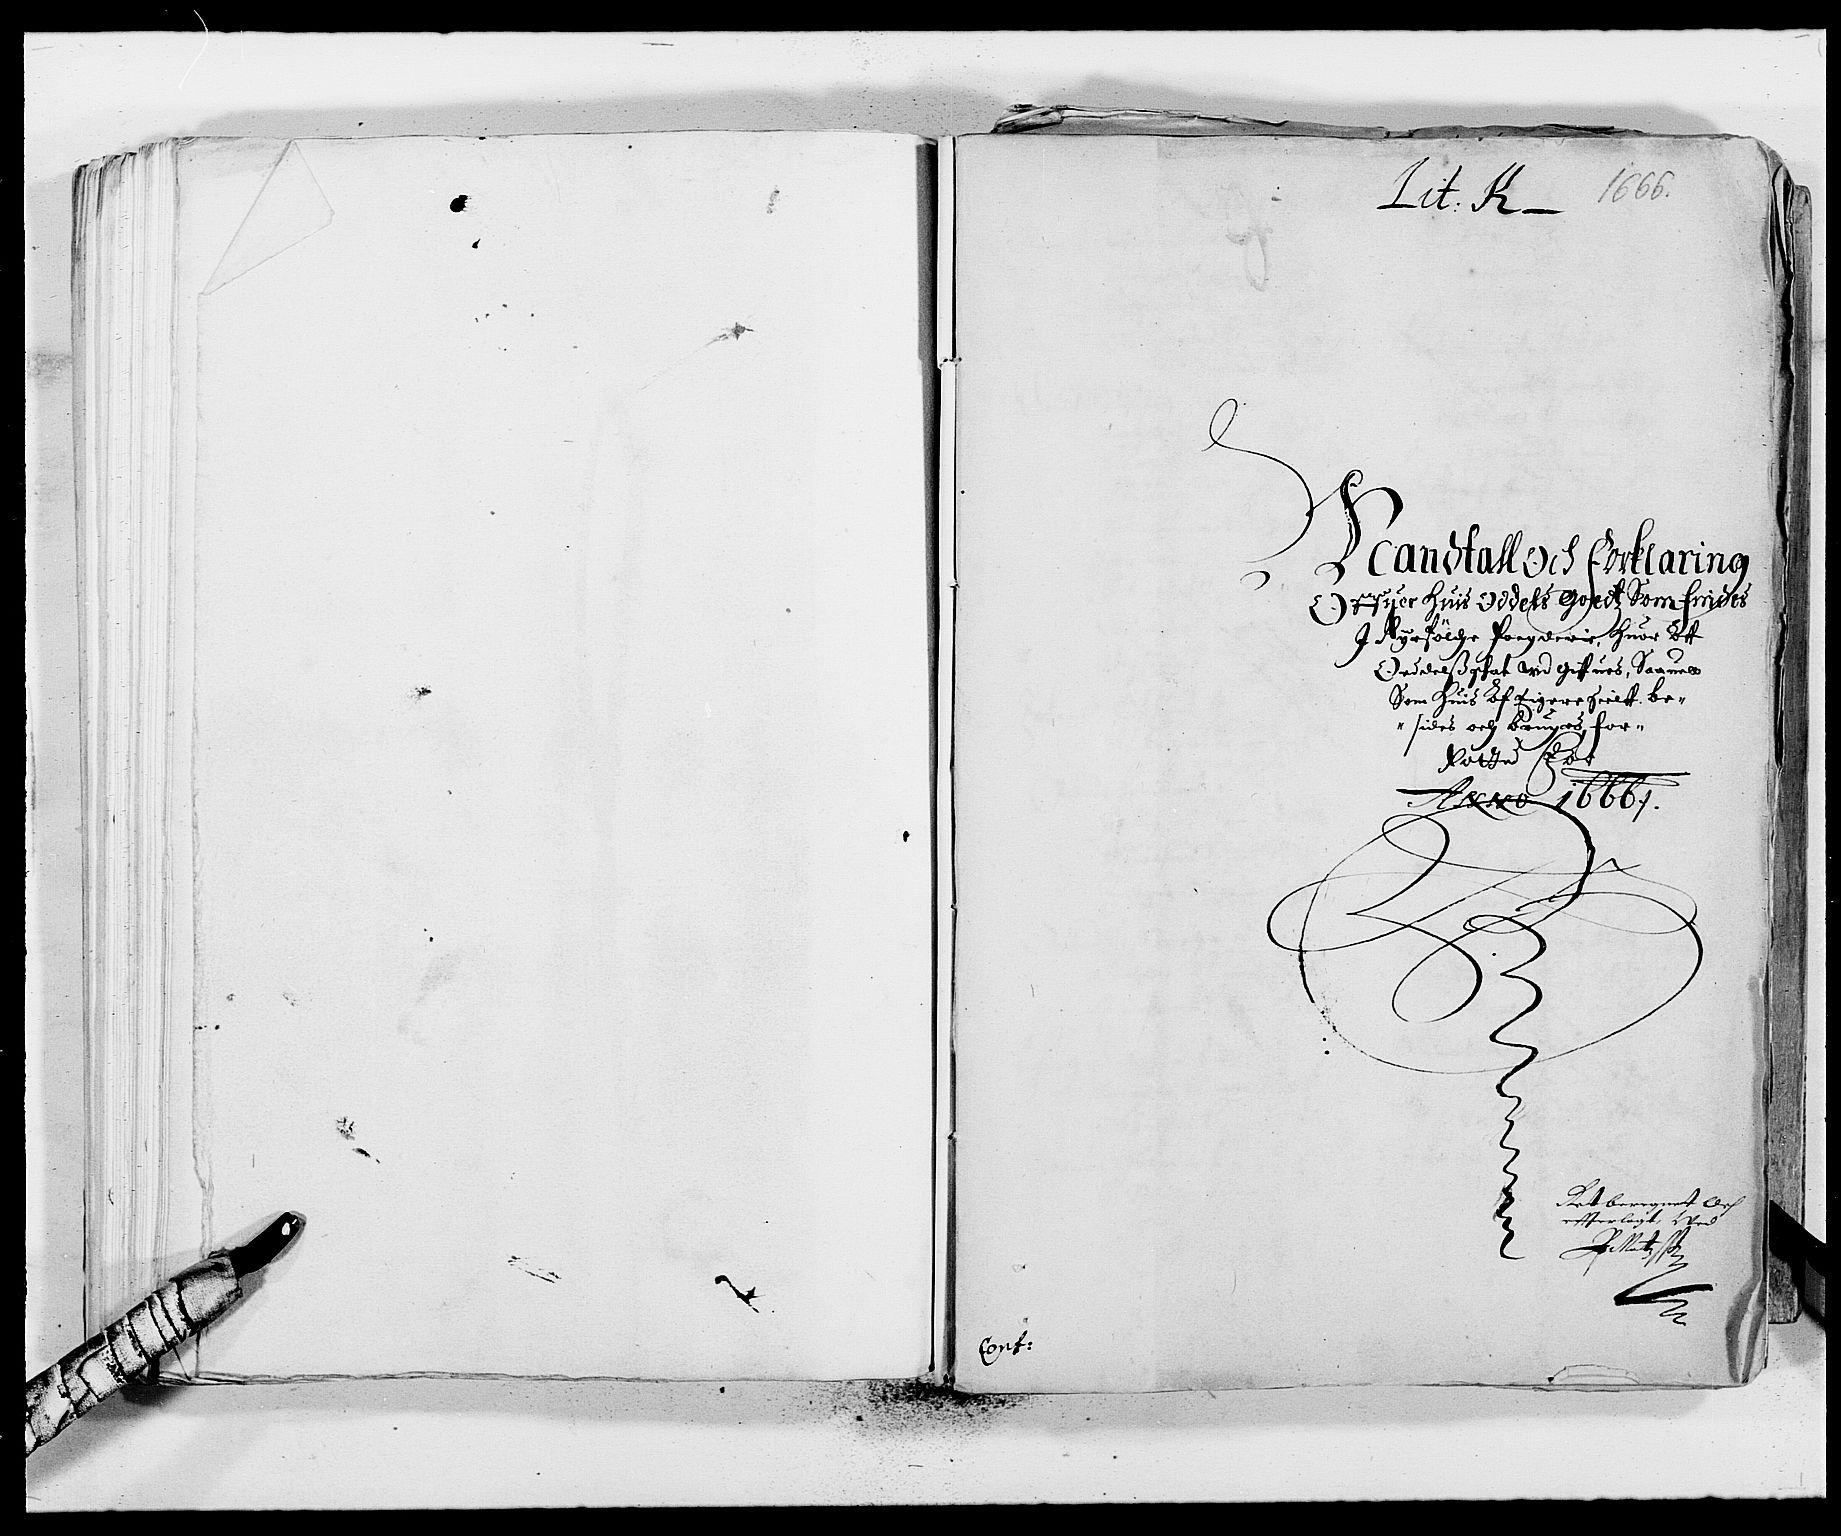 RA, Rentekammeret inntil 1814, Reviderte regnskaper, Fogderegnskap, R47/L2840: Fogderegnskap Ryfylke, 1665-1669, s. 196